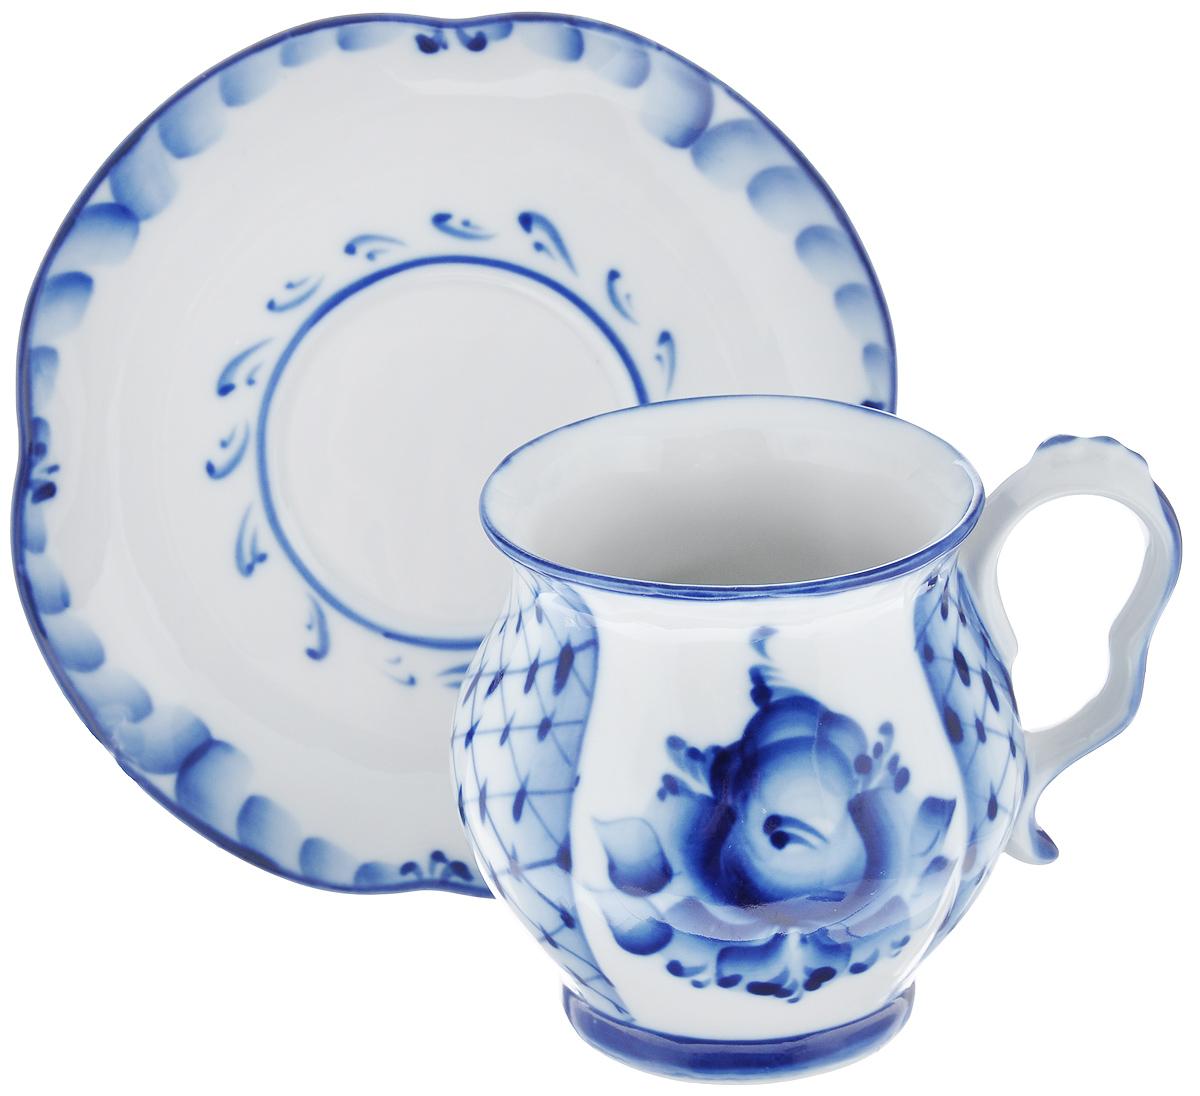 Чайная пара Голубая рапсодия, цвет: белый, синий, 2 предметаVT-1520(SR)Чайная пара Голубая рапсодия состоит из чашки и блюдца, выполненных из высококачественной керамики и оформленных гжельской росписью. Яркий дизайн, несомненно, придется вам по вкусу.Чайная пара Голубая рапсодия украсит ваш кухонный стол, а также станет замечательным подарком к любому празднику. Объем чашки: 300 мл.Диаметр чашки (по верхнему краю): 7,7 см.Диаметр дна чашки: 6 см.Высота чашки: 9,5 см.Диаметр блюдца: 15,5 см.Высота блюдца: 2,2 см.